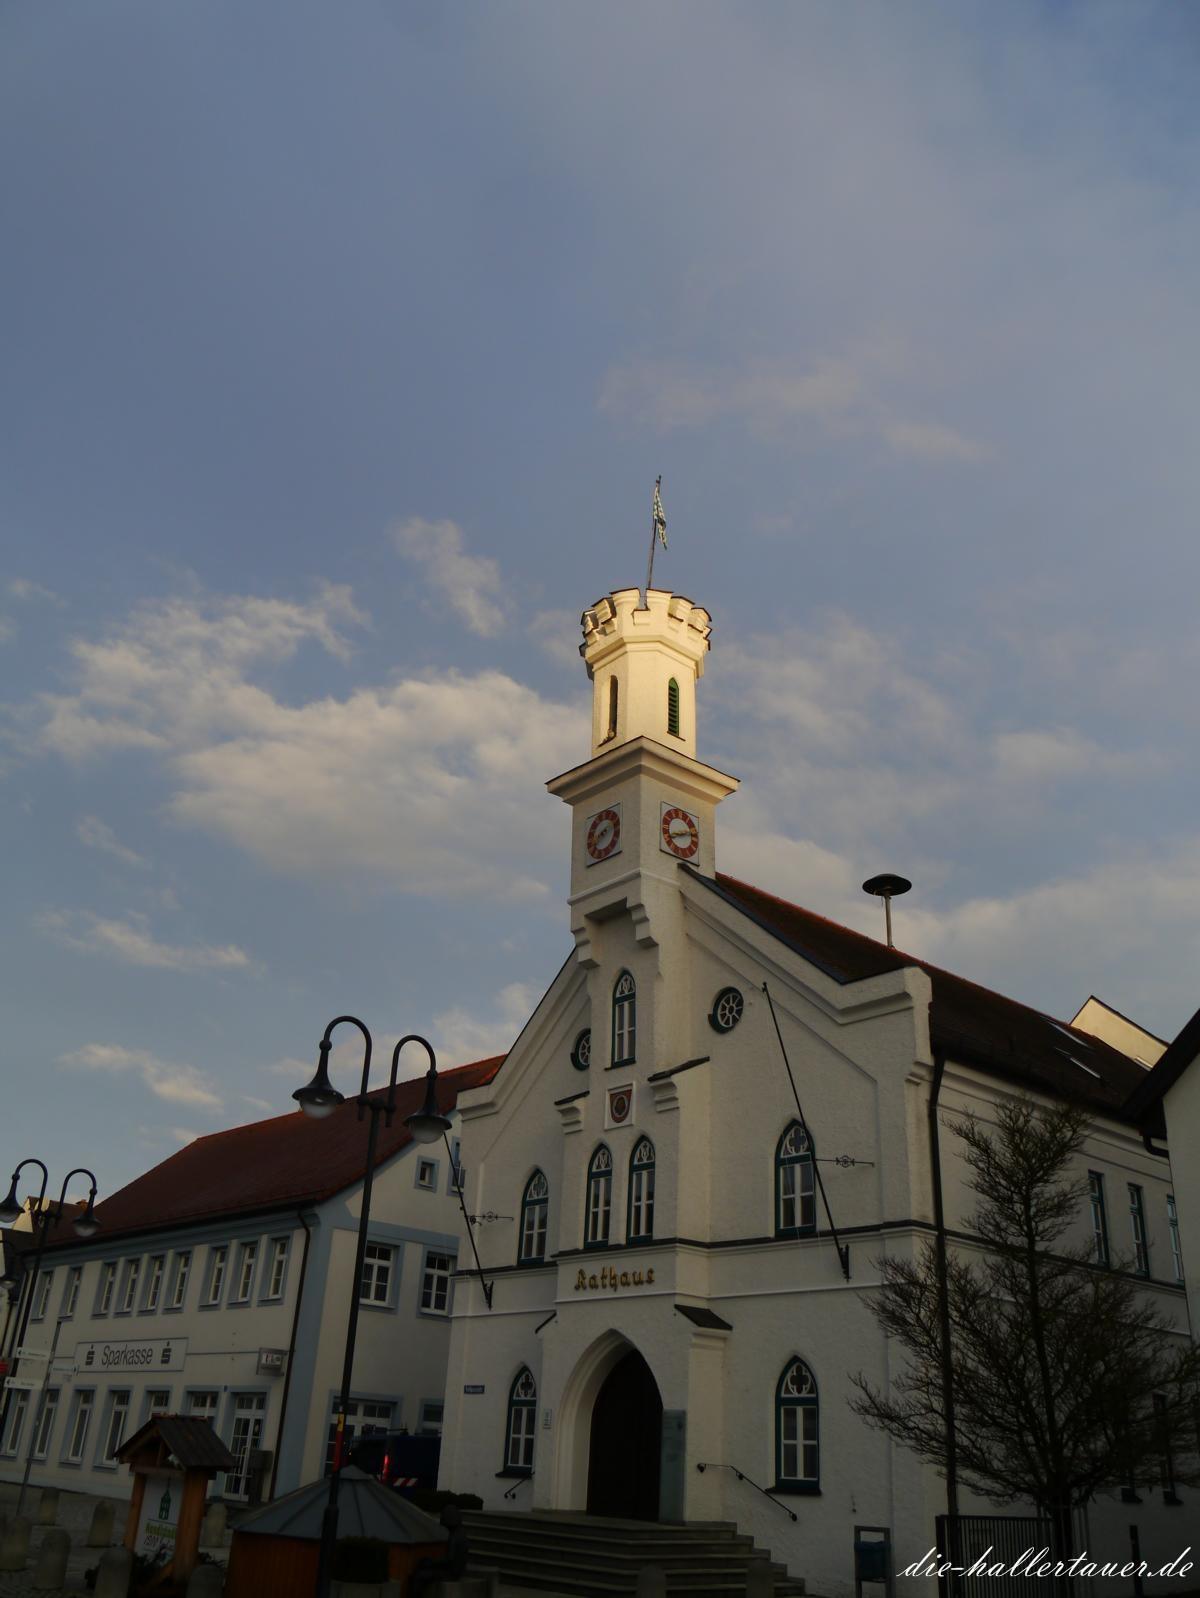 Nandlstädter Rathaus